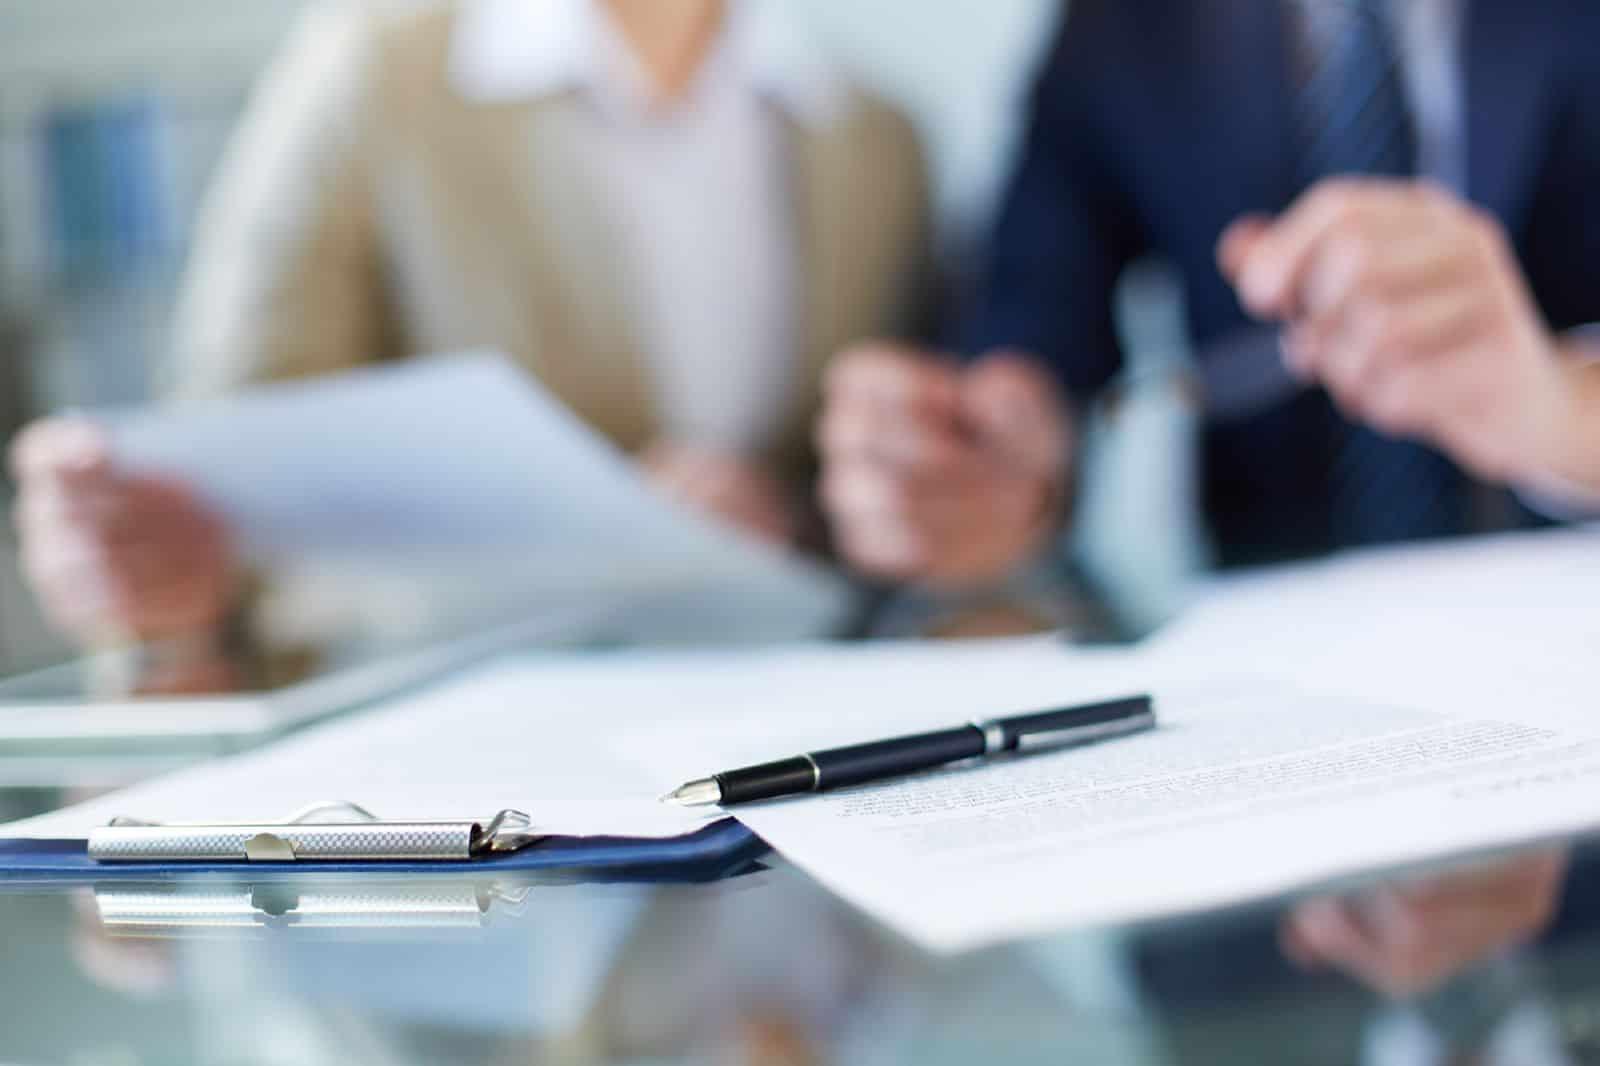 Обязательность регистрации договора аренды земельного участка. Пошаговая инструкция по регистрации. Особенности заключения договора